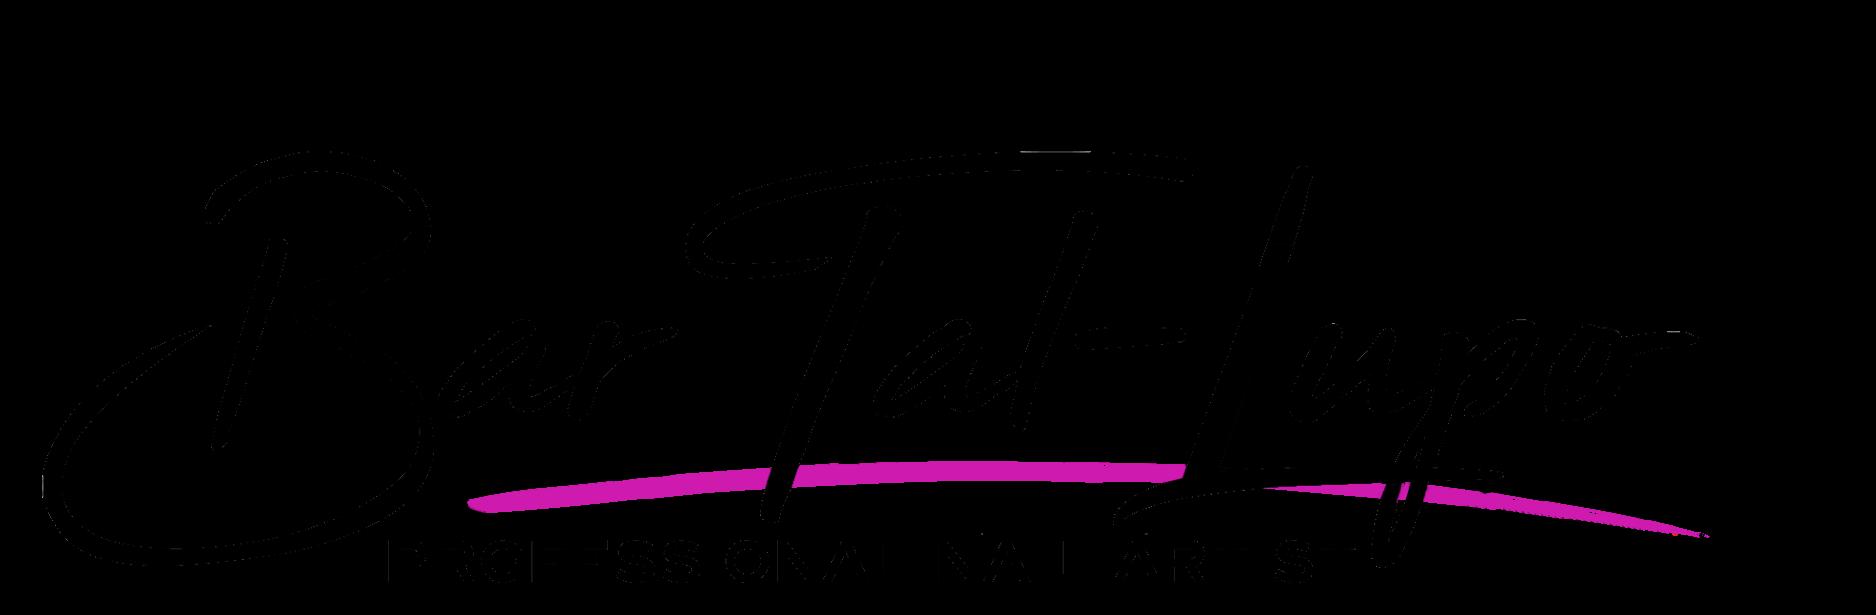 בר טל-לופו